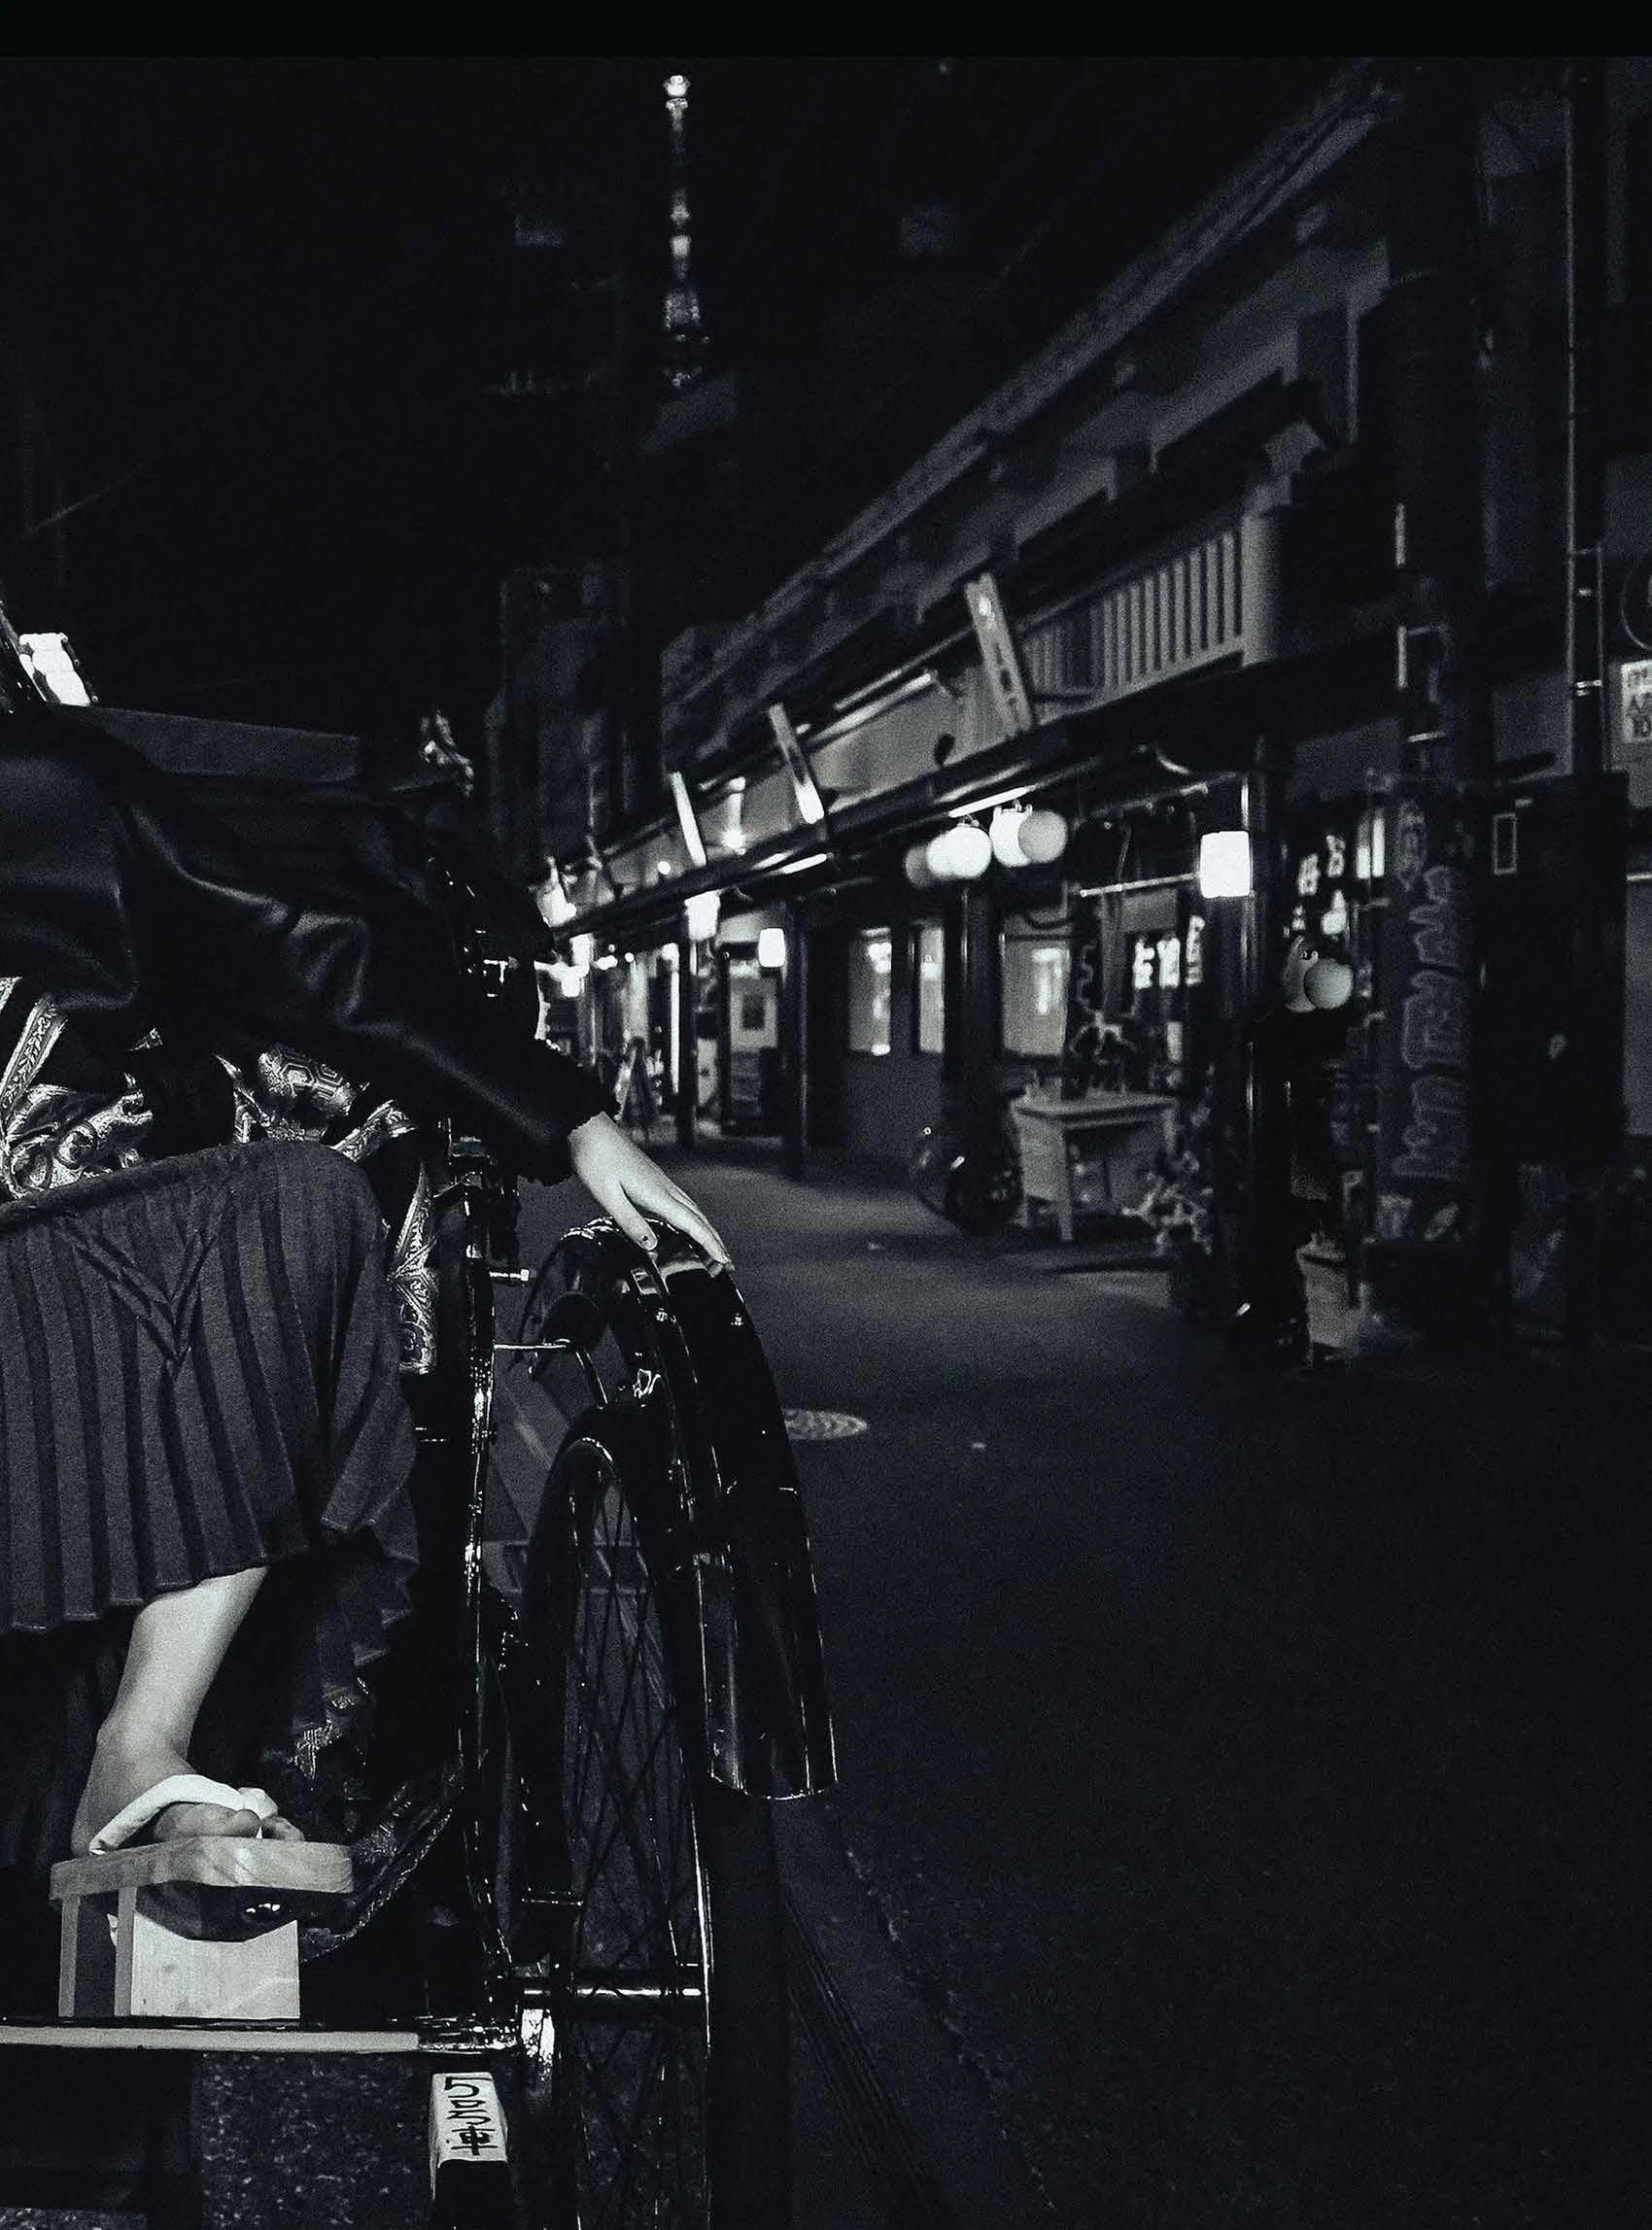 满脸雀斑却依旧很美的混血模特世理奈写真作品 (8)